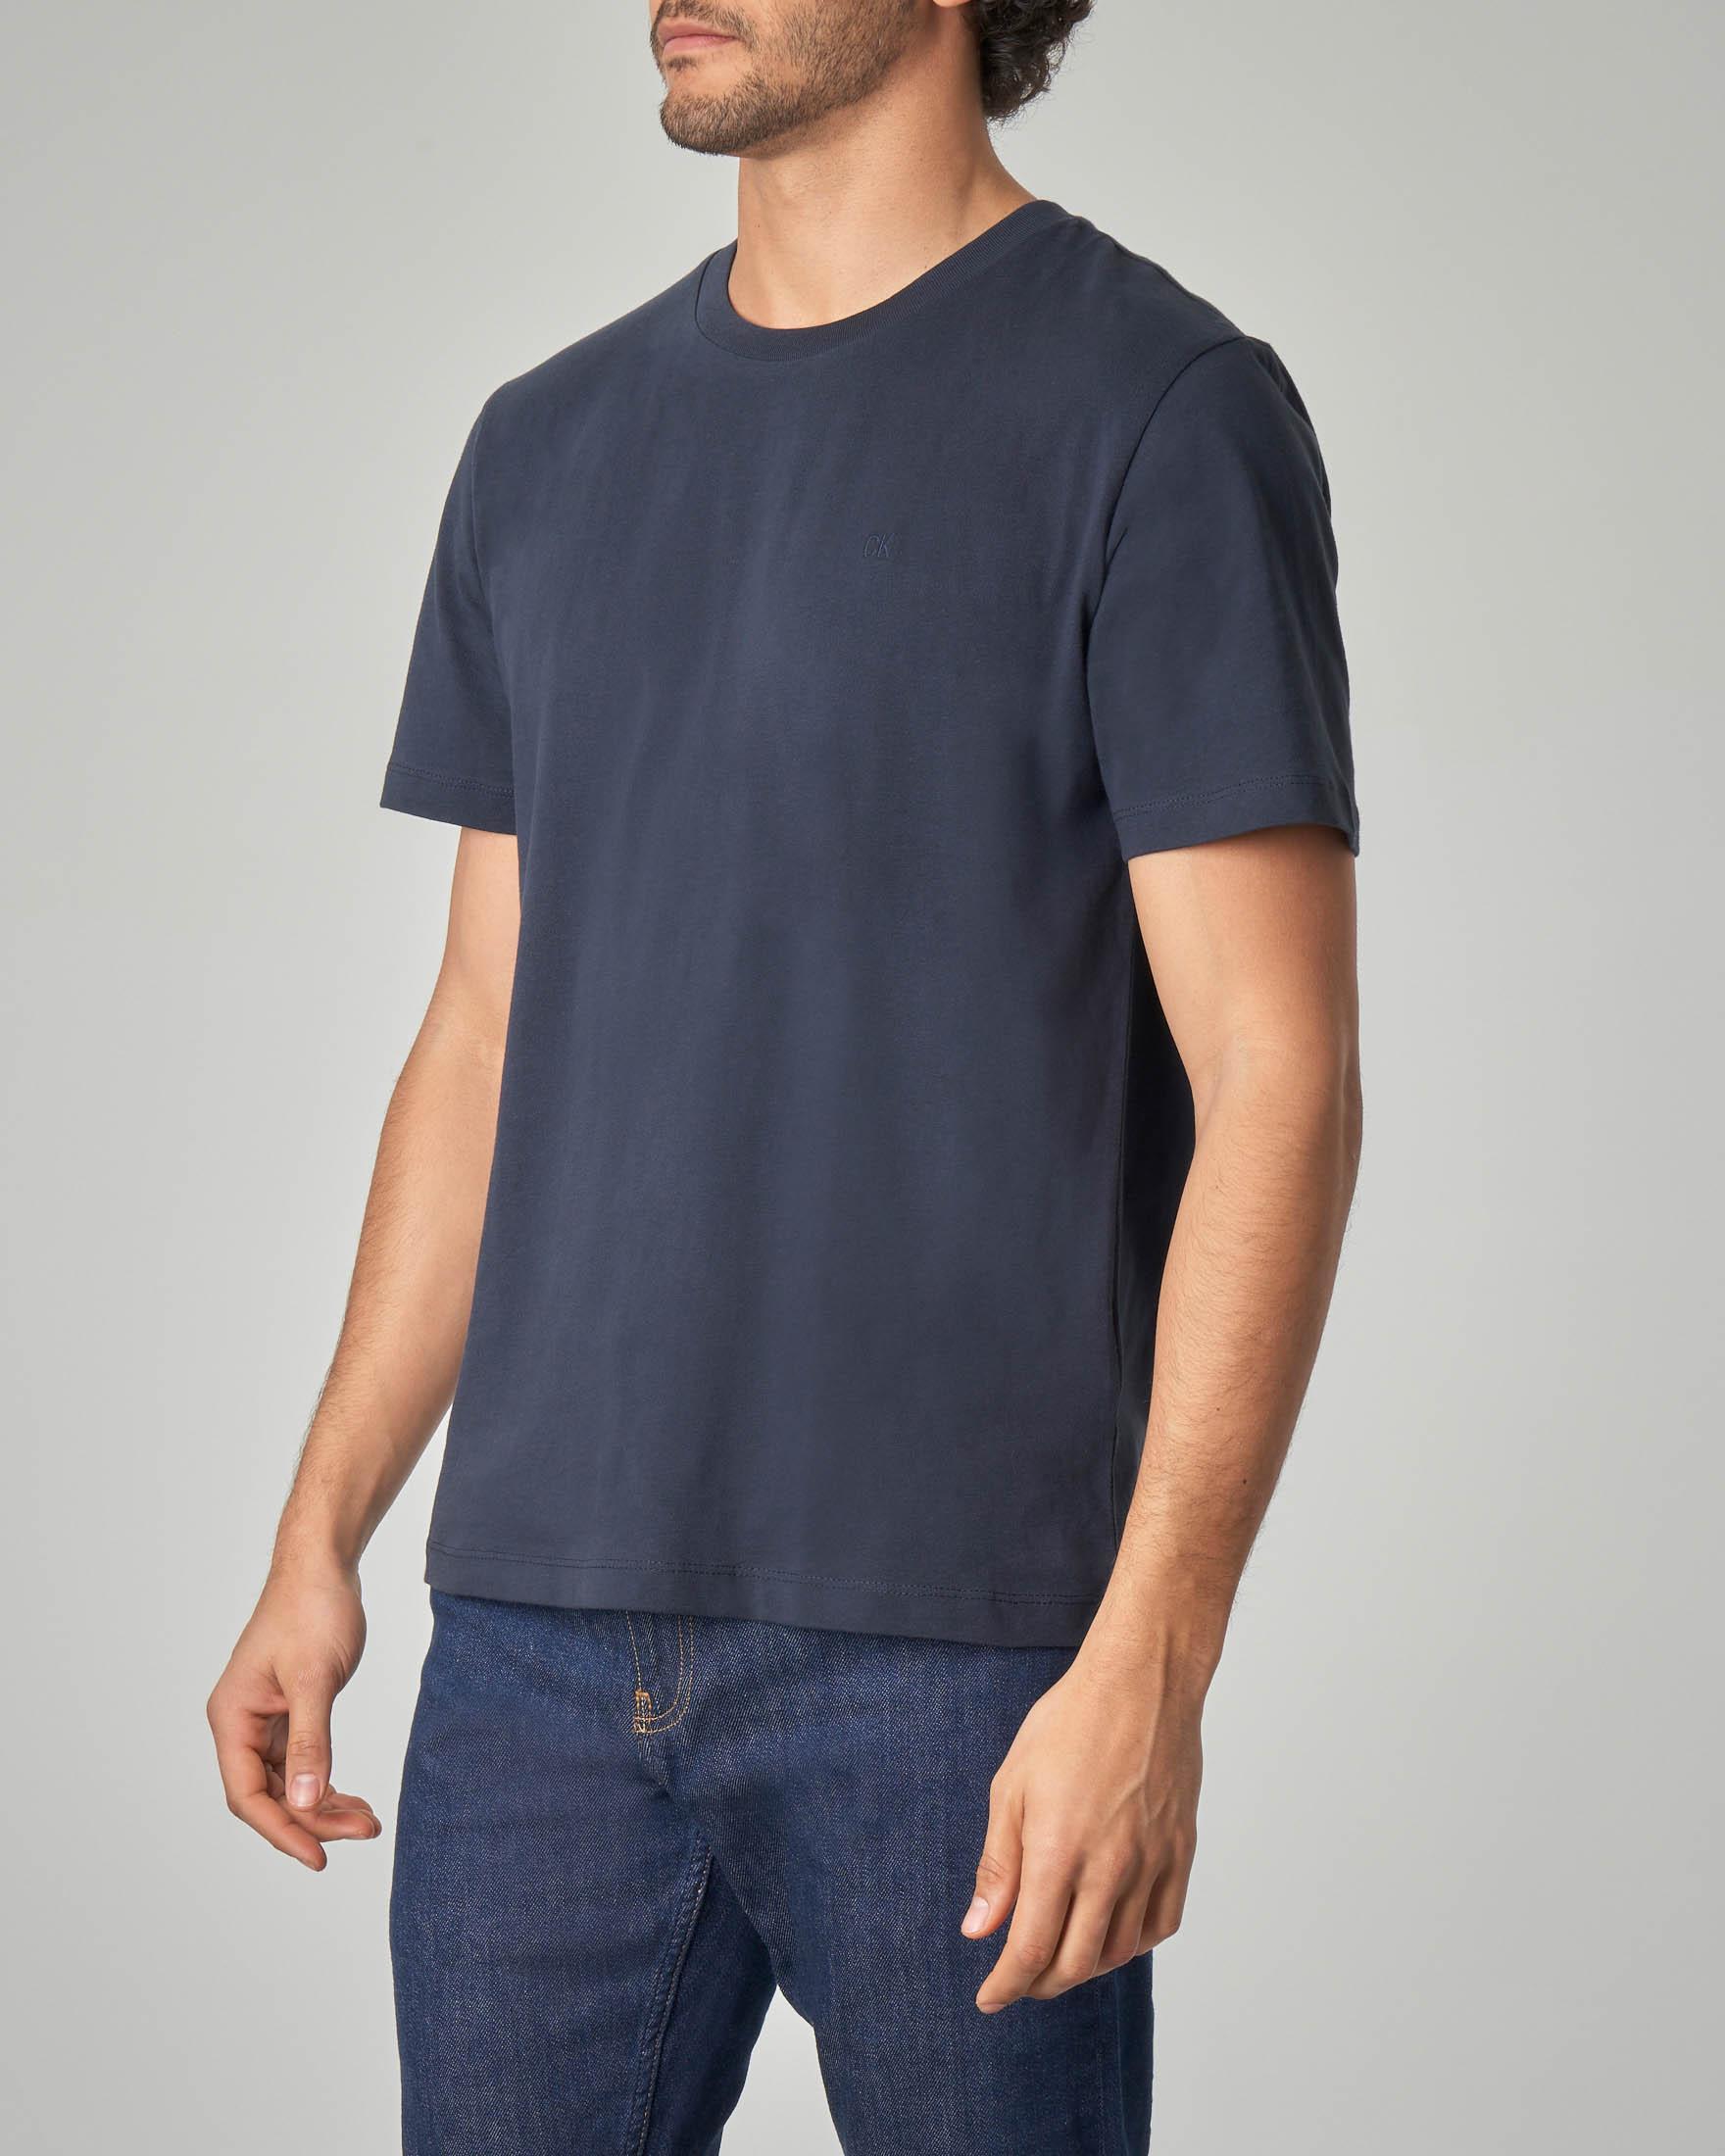 T-shirt blu con logo CK